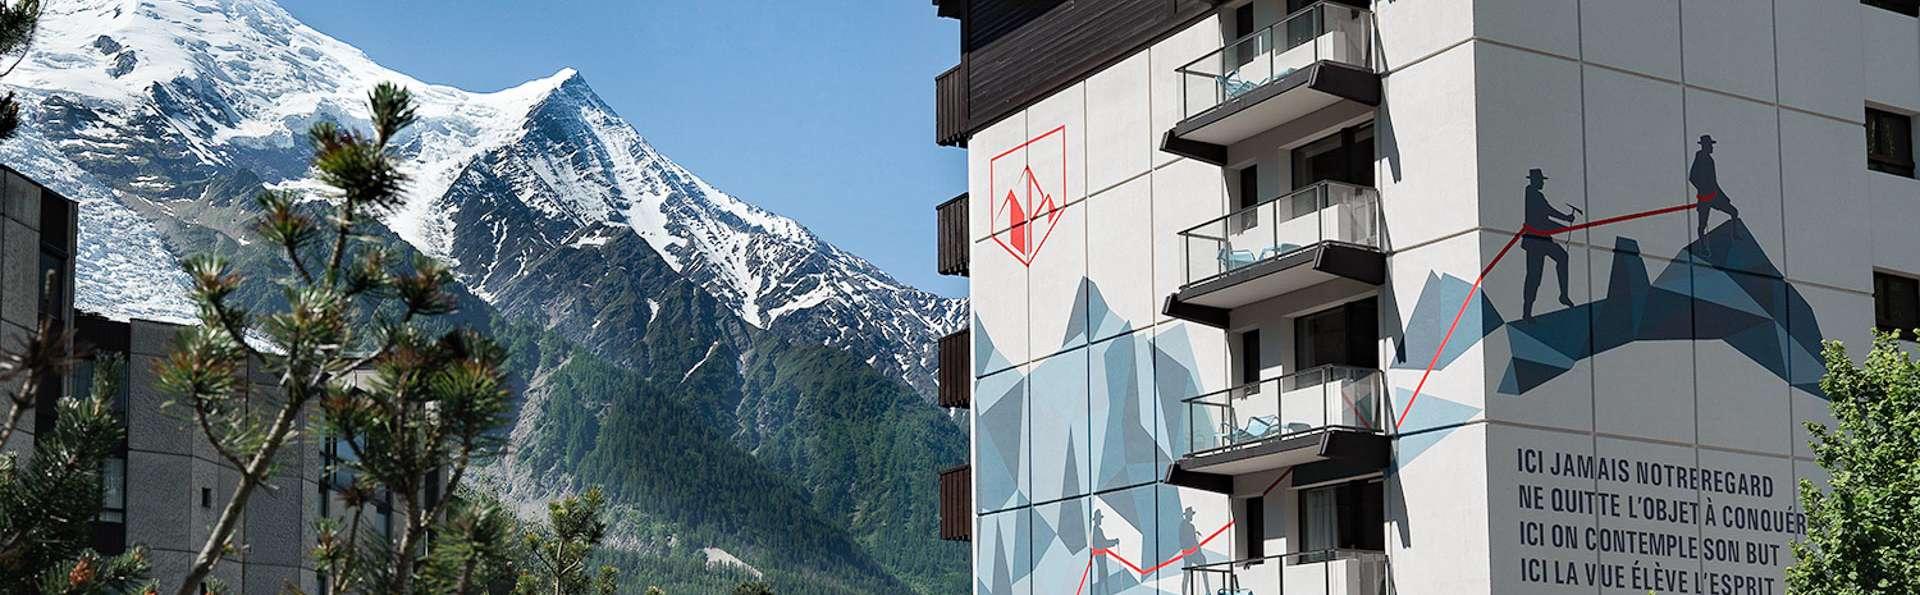 Admirez l'élégance du Mont-Blanc depuis votre chambre situé dans les hauteurs de Chamonix